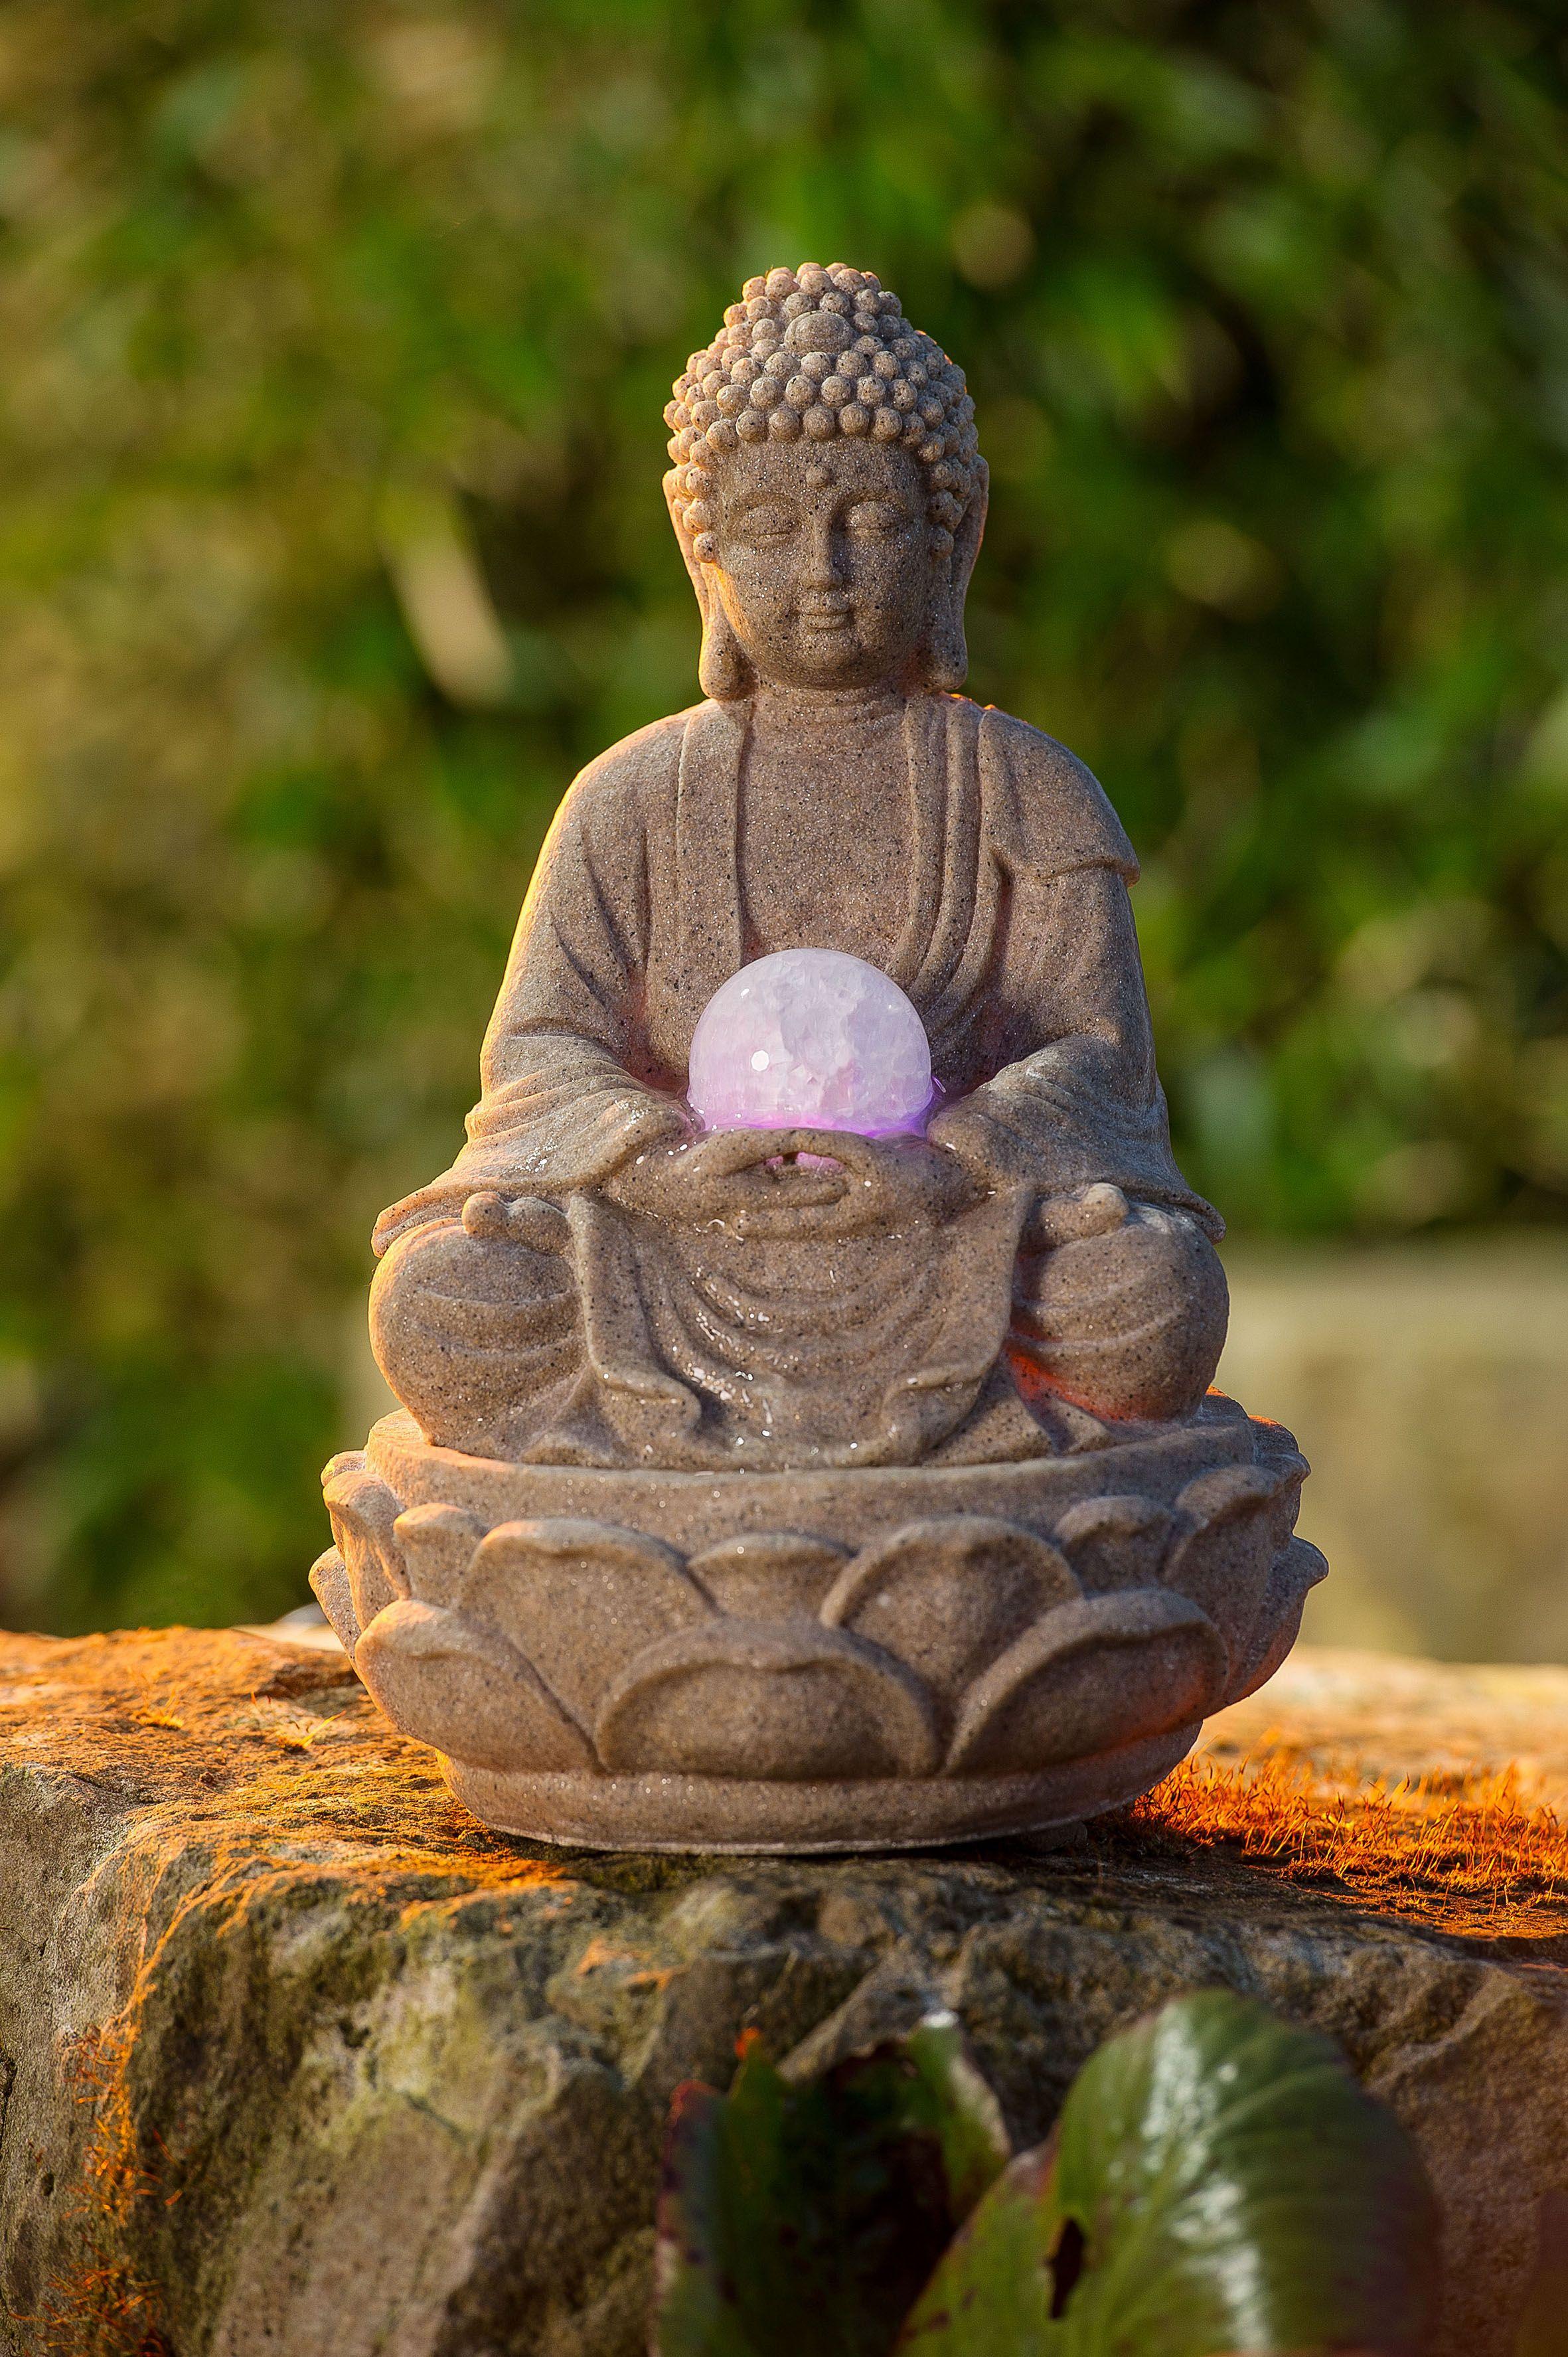 fontaine bouddha pour une d coration asiatique r ussie fontaine bouddha d 39 int rieur et d. Black Bedroom Furniture Sets. Home Design Ideas